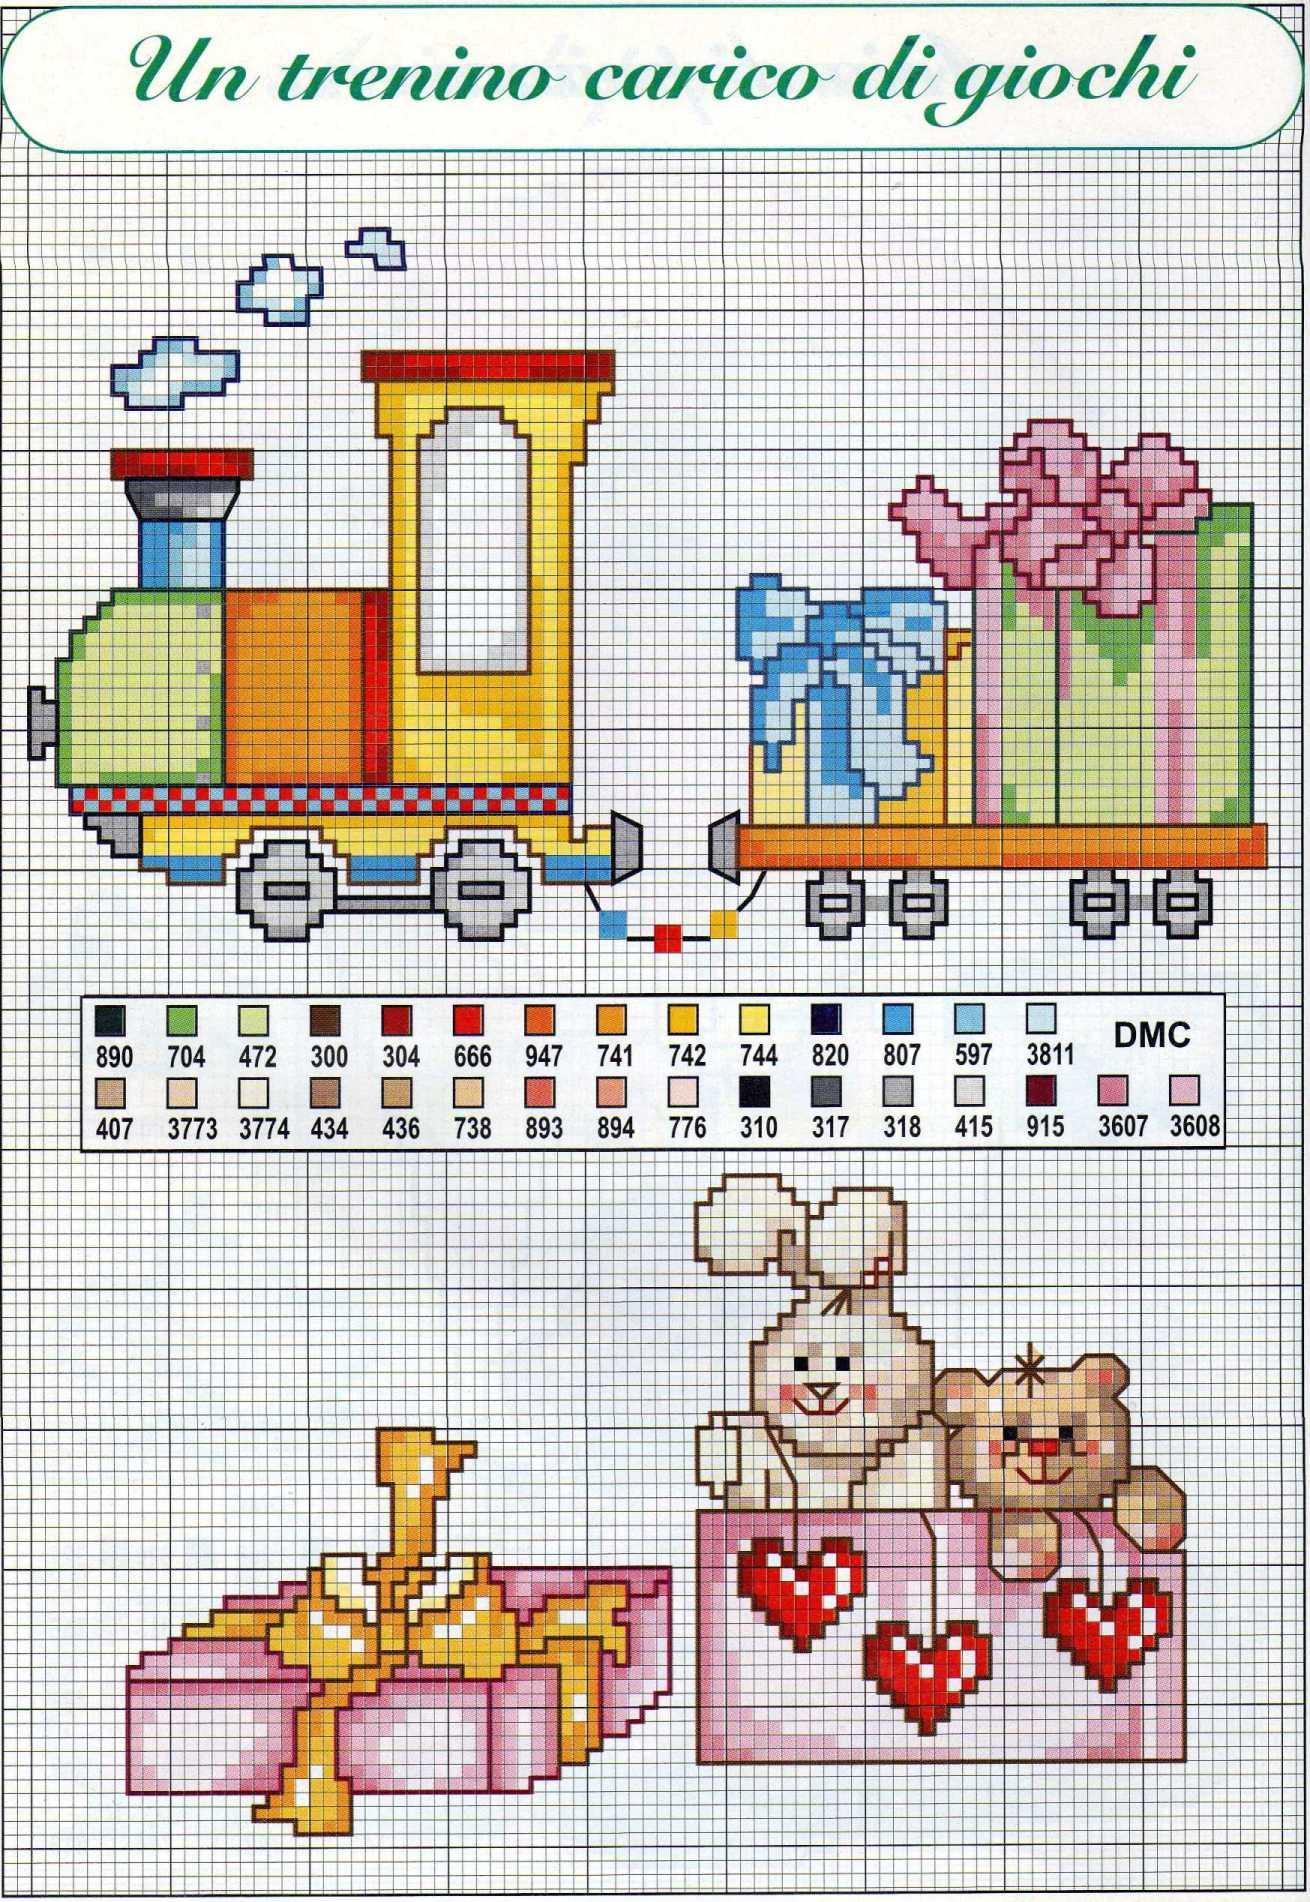 Un trenino carico di giochi schema da ricamare punto croce per bambini (1) - magiedifilo.it ...